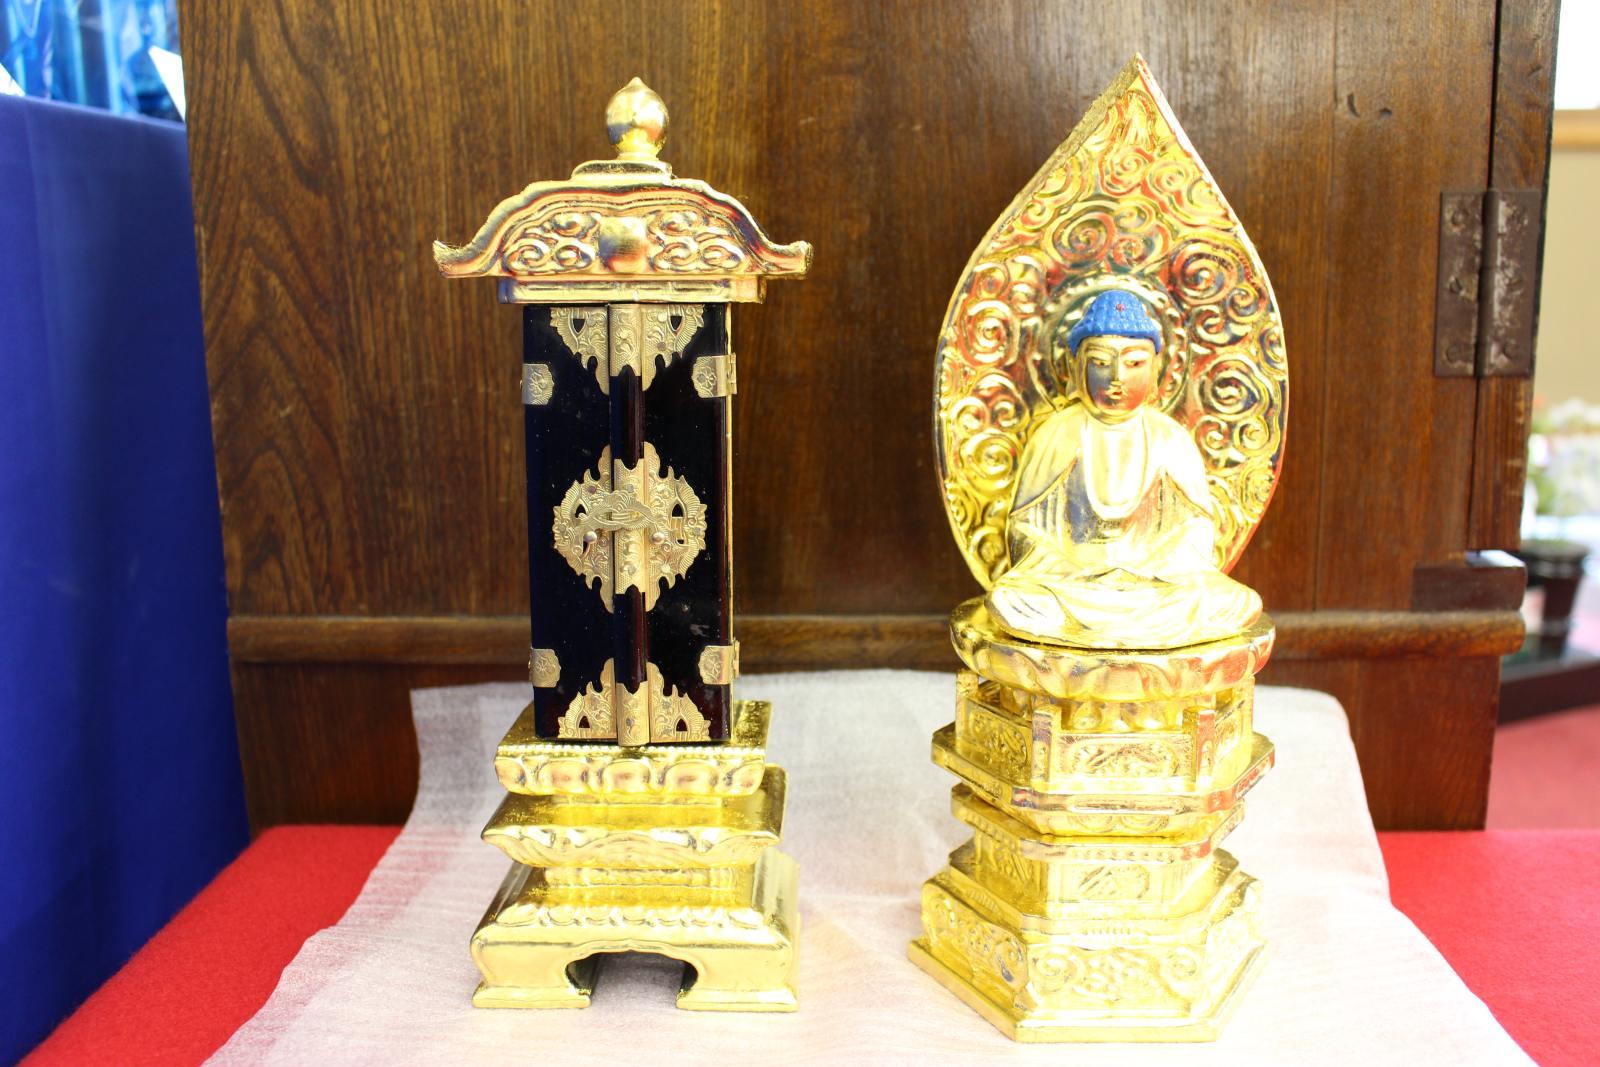 本位牌や仏像などの仏具も仏壇クリーニングできれいに